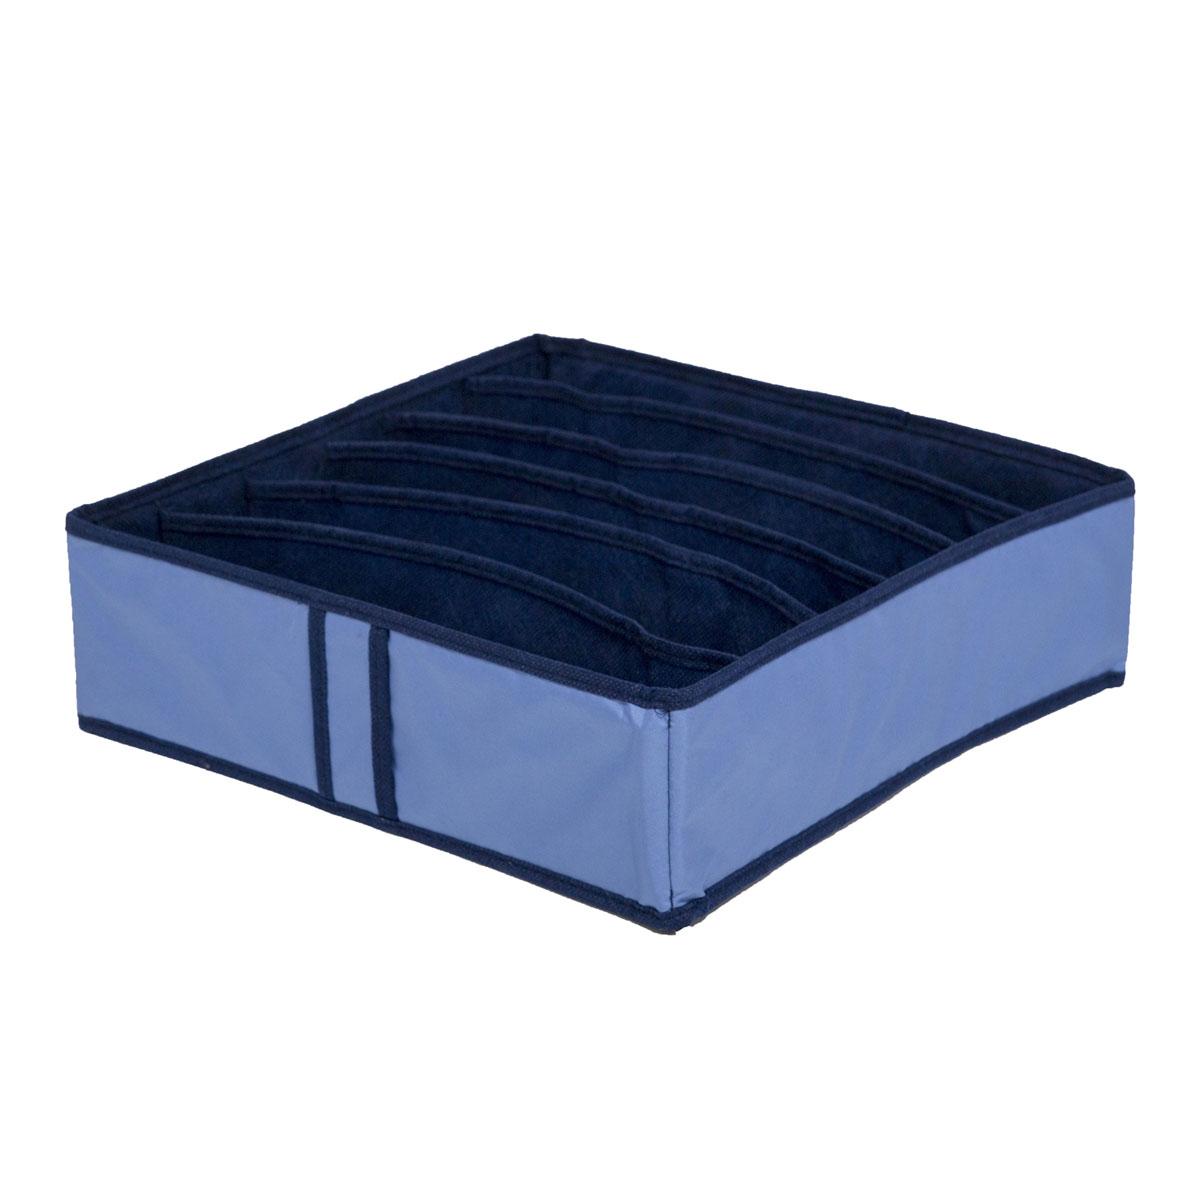 Органайзер для хранения вещей Homsu Bluе Sky, 6 секций, 35 x 35 x 10 смHOM-53Компактный органайзер Homsu Bluе Sky изготовлен из высококачественного полиэстера, который обеспечивает естественную вентиляцию. Материал позволяет воздуху свободно проникать внутрь, но не пропускает пыль. Органайзер отлично держит форму, благодаря вставкам из плотного картона. Изделие имеет 6 квадратных секций для хранения нижнего белья, колготок, носков и другой одежды.Такой органайзер позволит вам хранить вещи компактно и удобно.